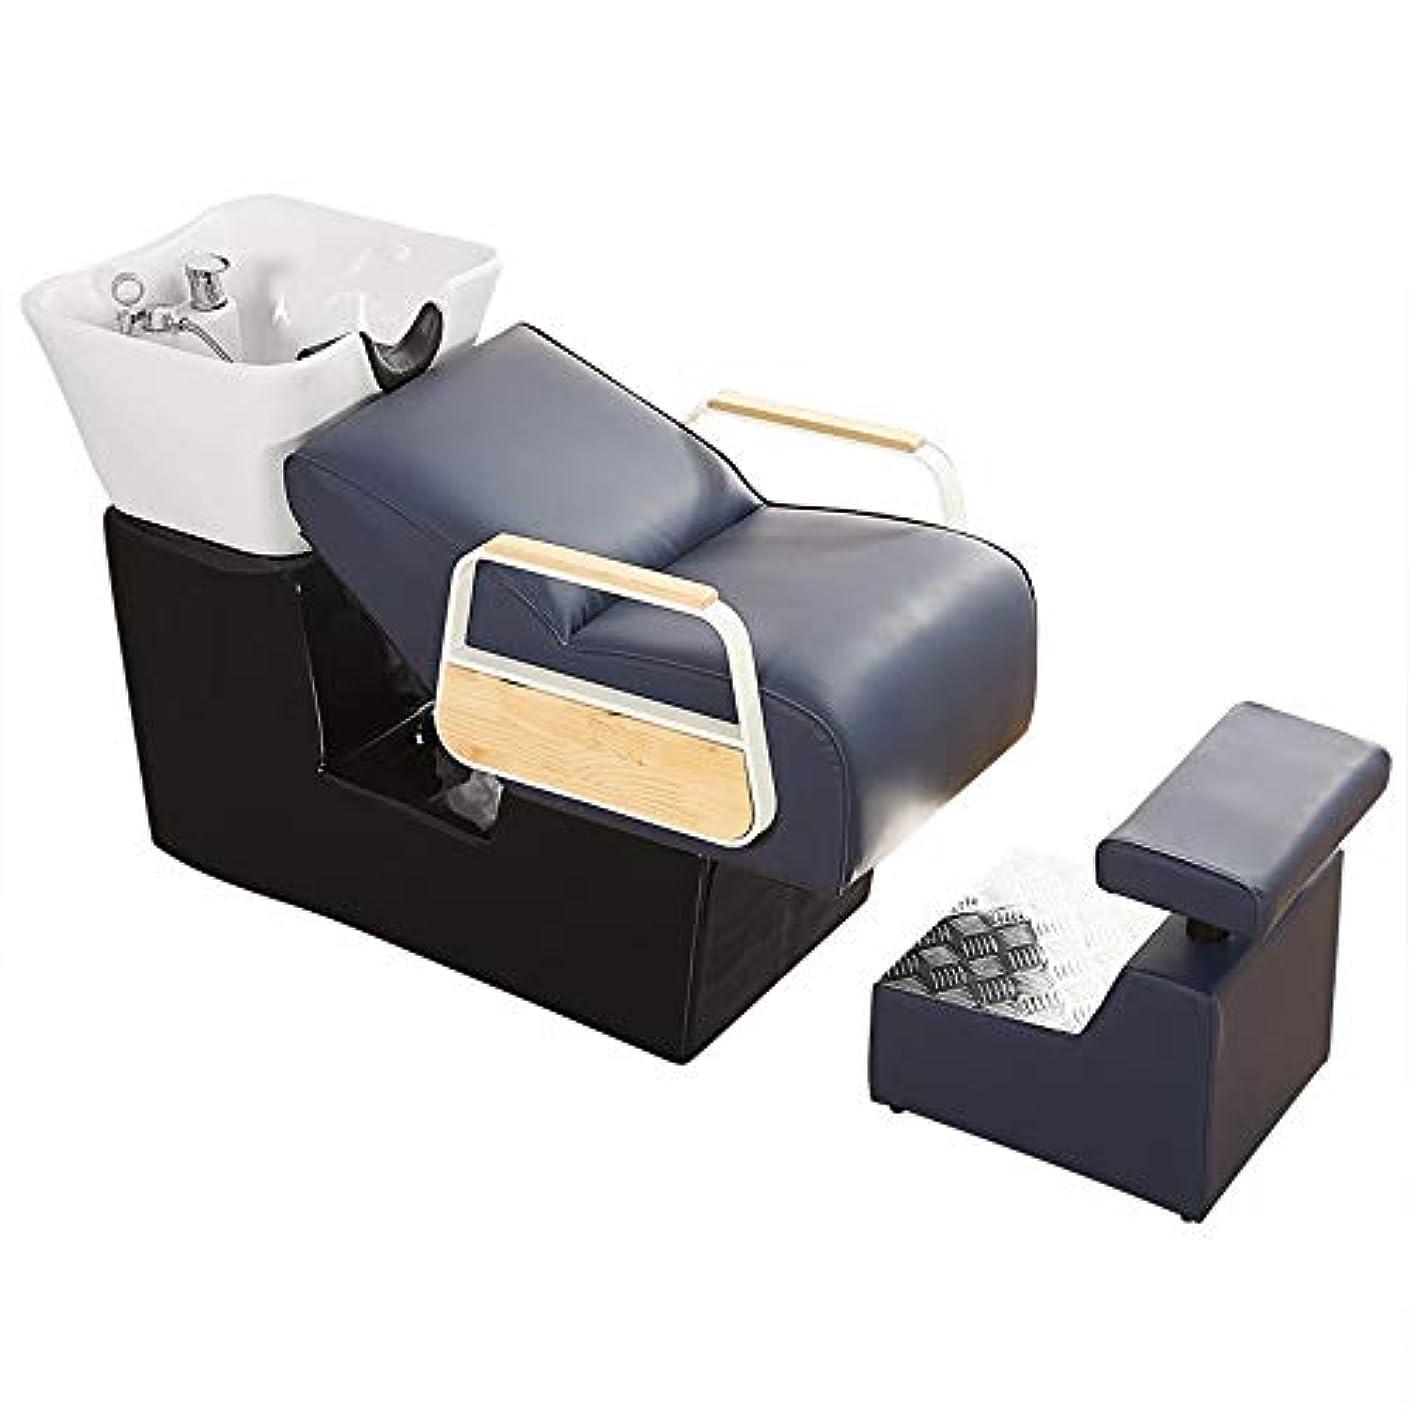 対称流暢パーティーシャンプーの椅子、逆洗の単位の陶磁器の洗面器の洗面器のための洗面器のボウル理髪シンクの椅子